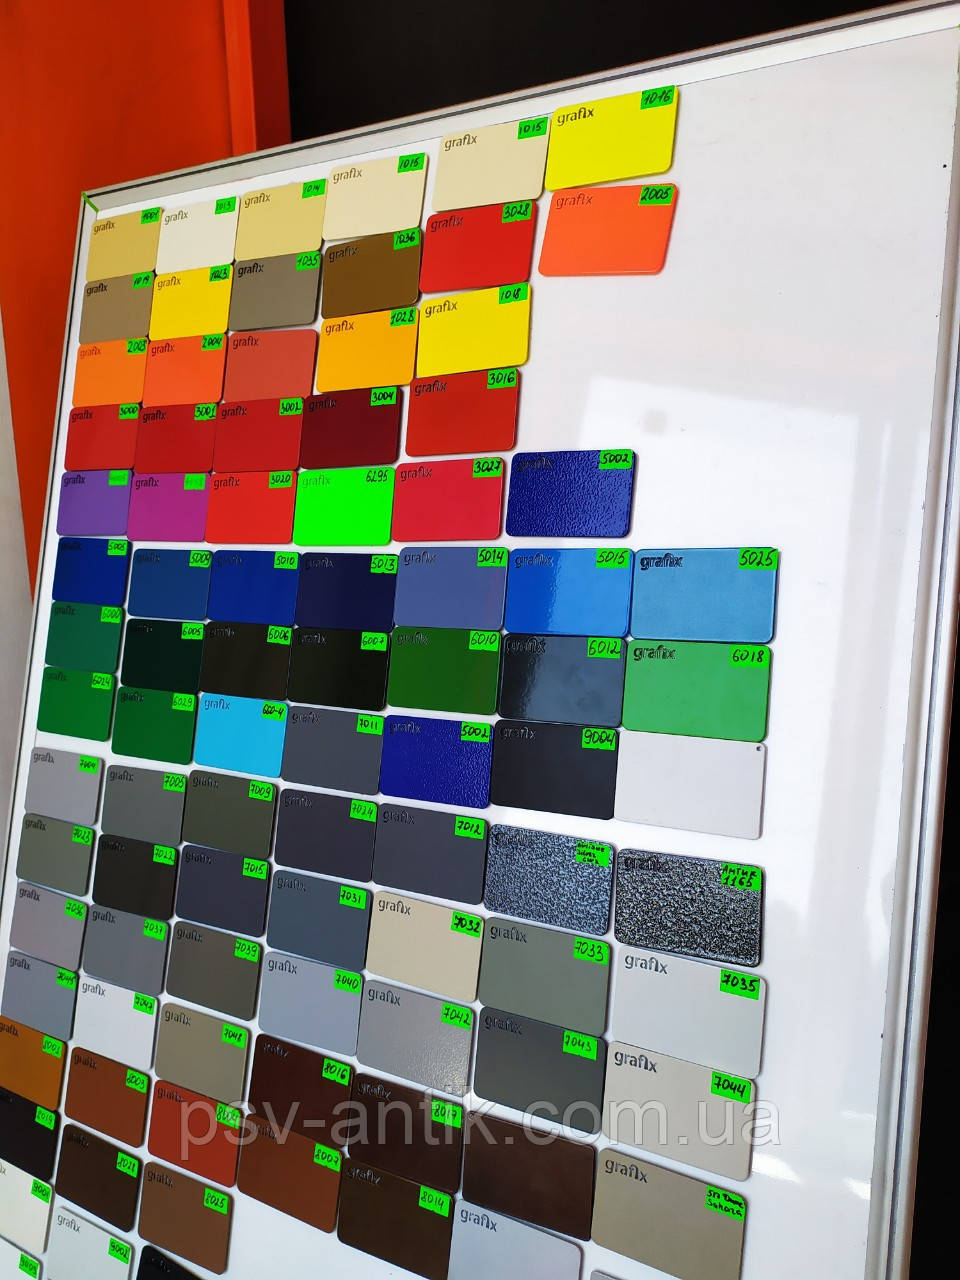 Порошковая краска для сублимации, структурная, полиэфирная, архитектурная, 8733